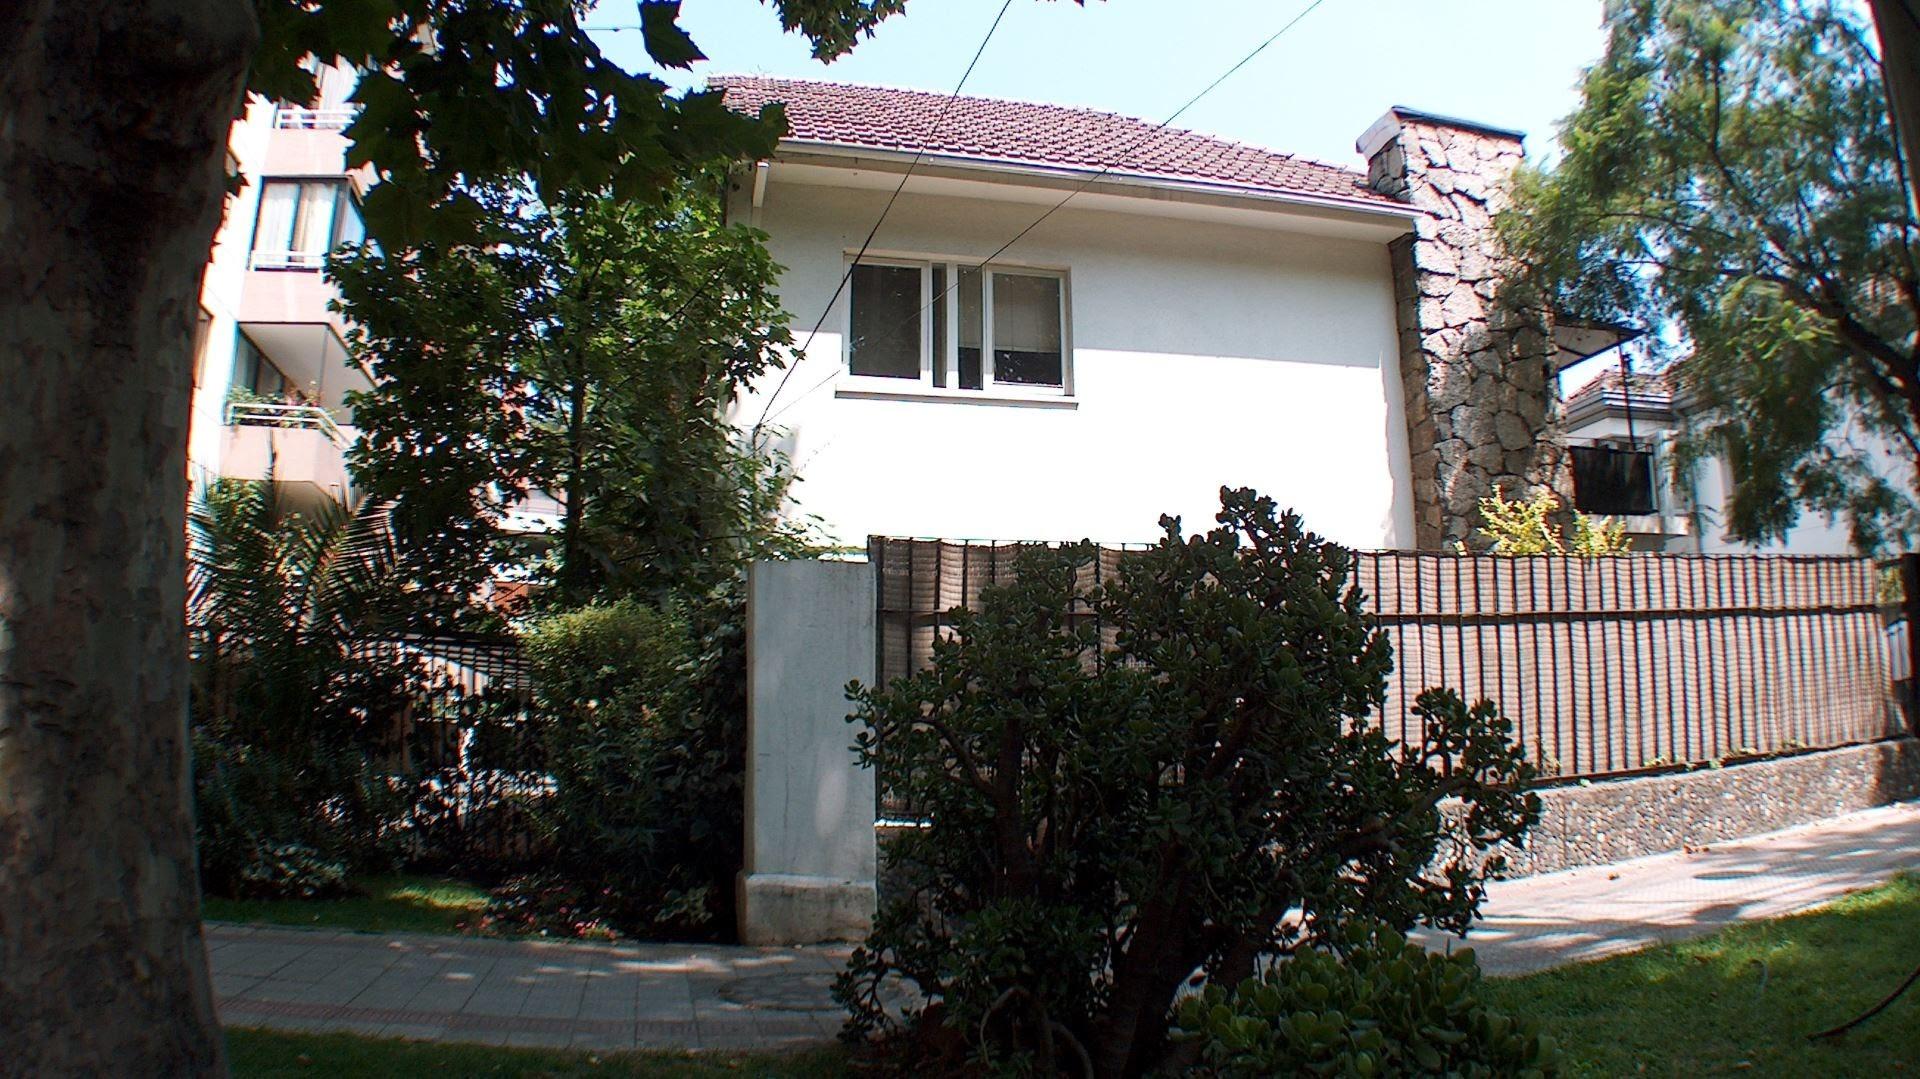 Casa suecia residencia para estudiantes residencias for Residencia para estudiantes